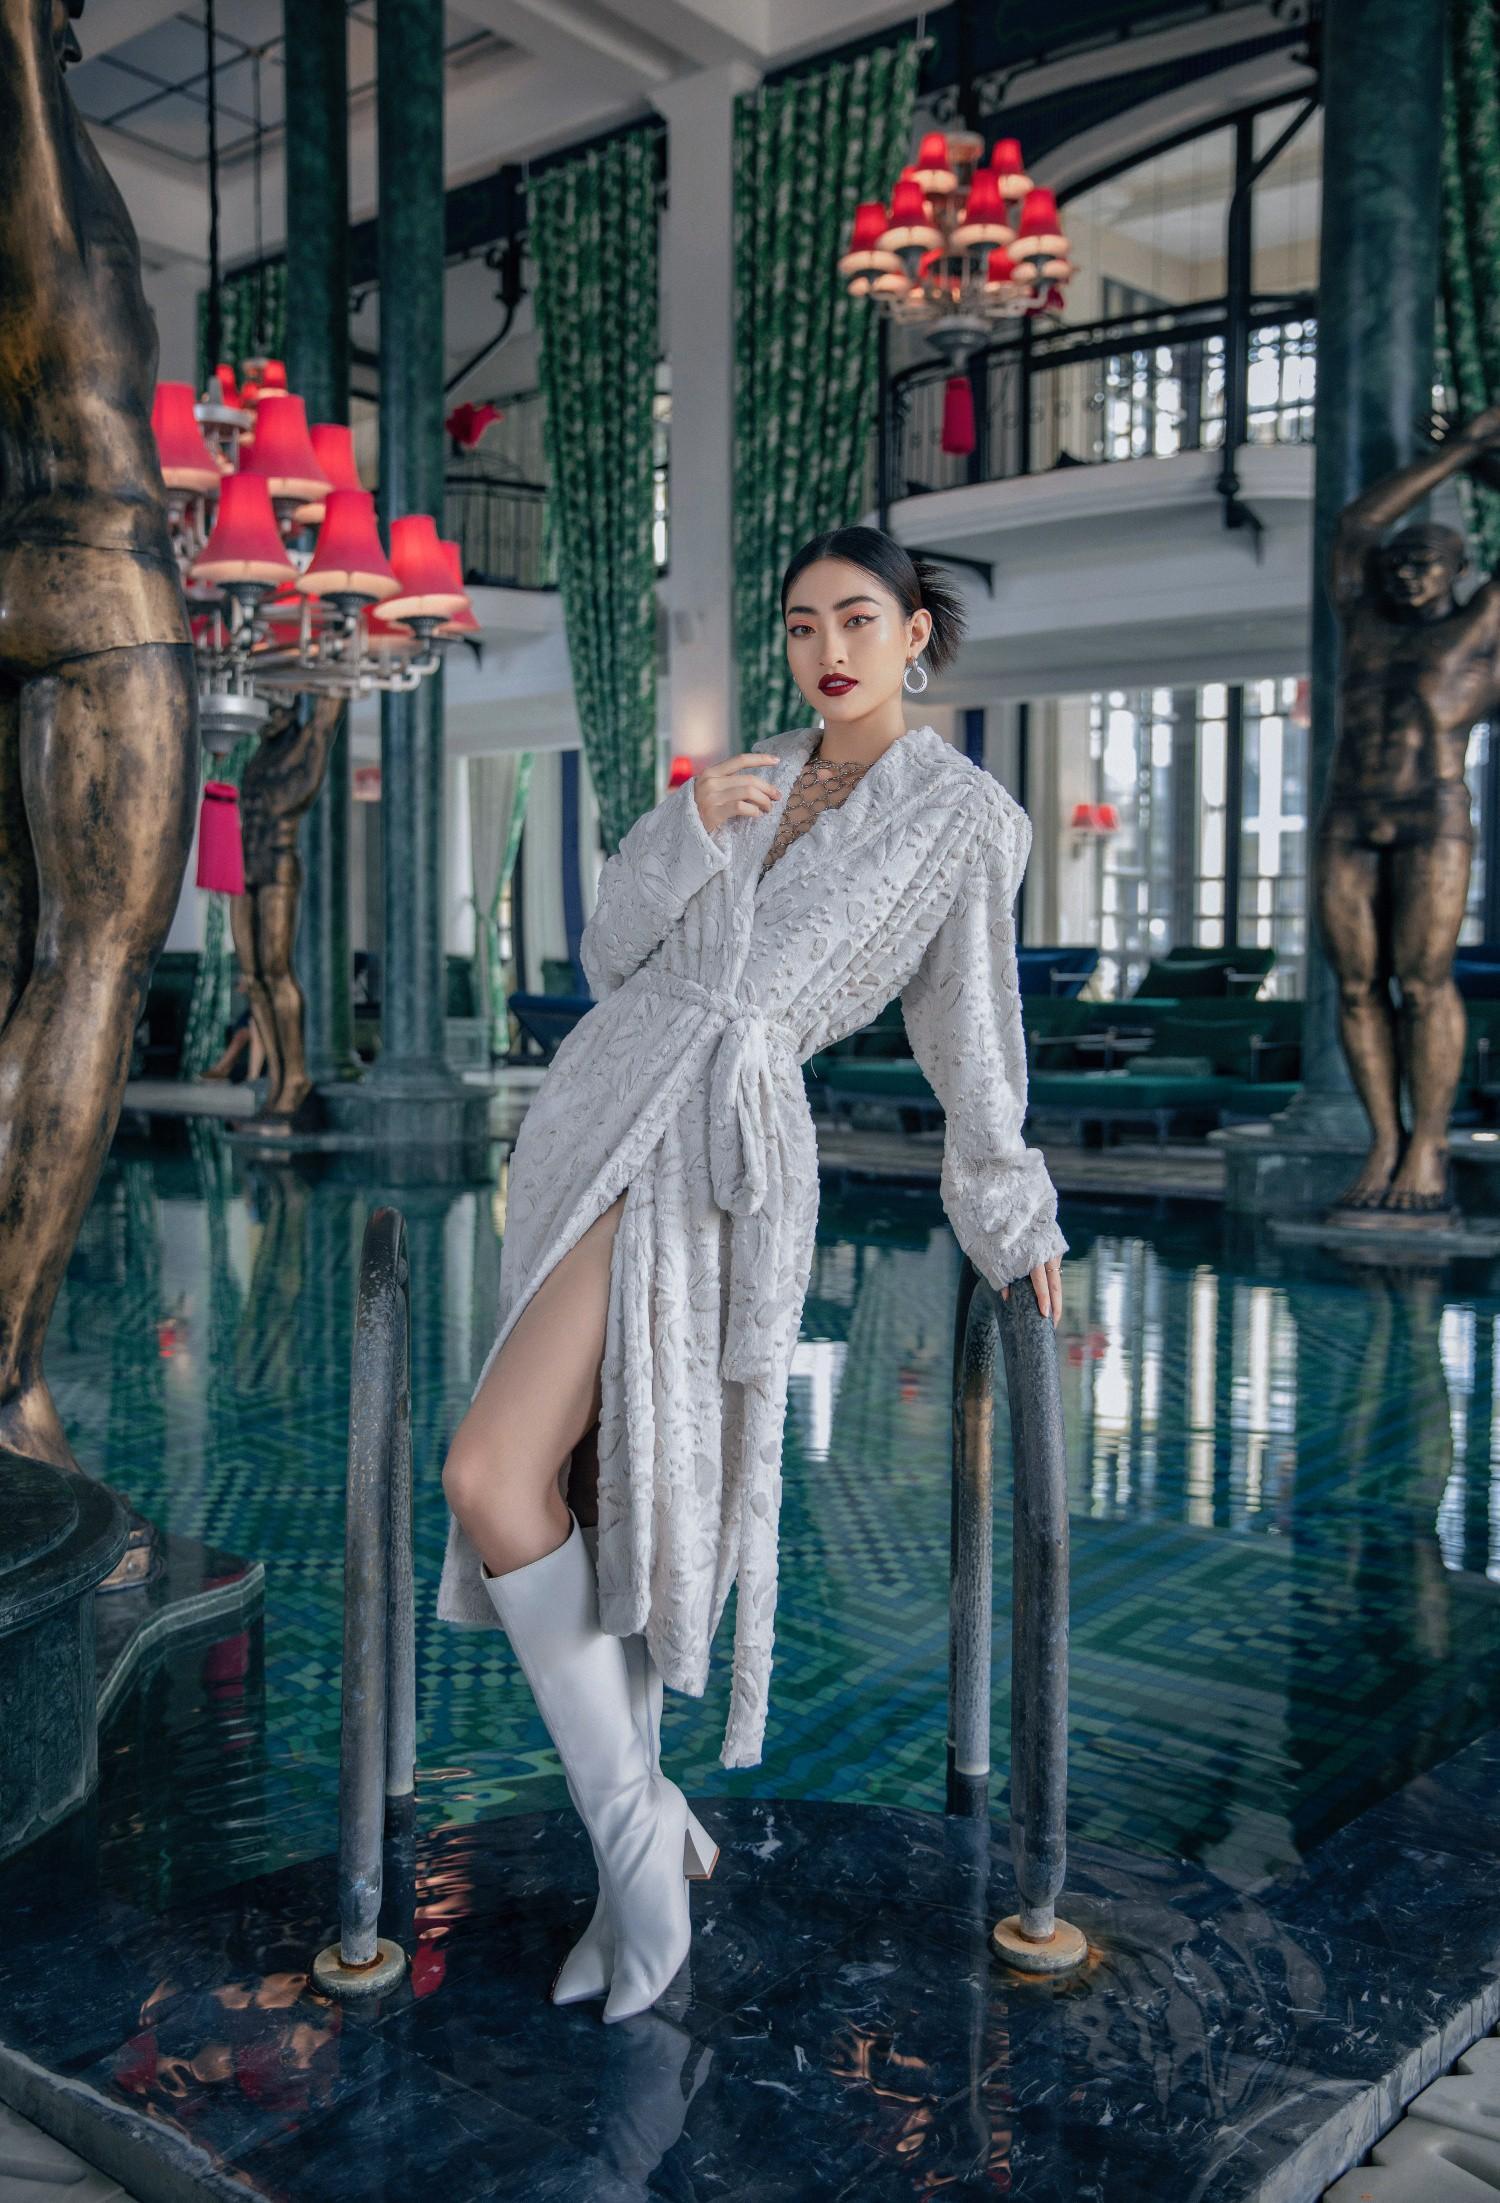 Hoa hậu Lương Thùy Linh ngày càng lột xác sau 6 tháng đăng quang Ảnh 6